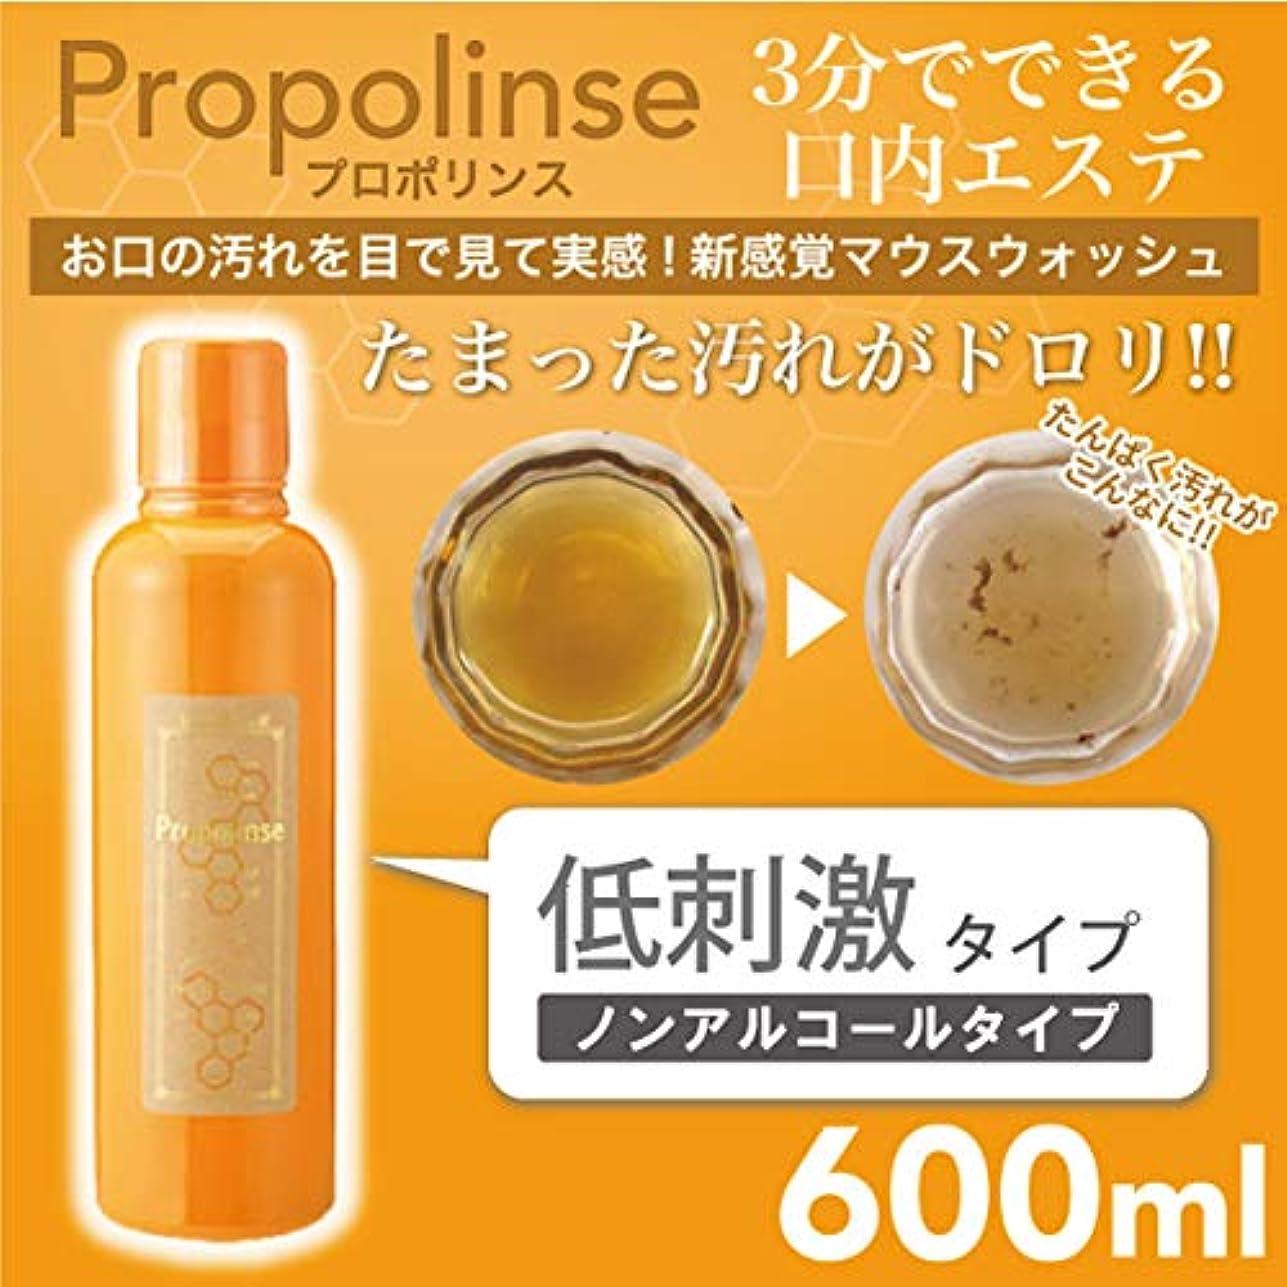 良いガイダンス火薬プロポリンス マウスウォッシュ ピュア (ノンアルコール低刺激) 600ml [30本セット] 口臭対策